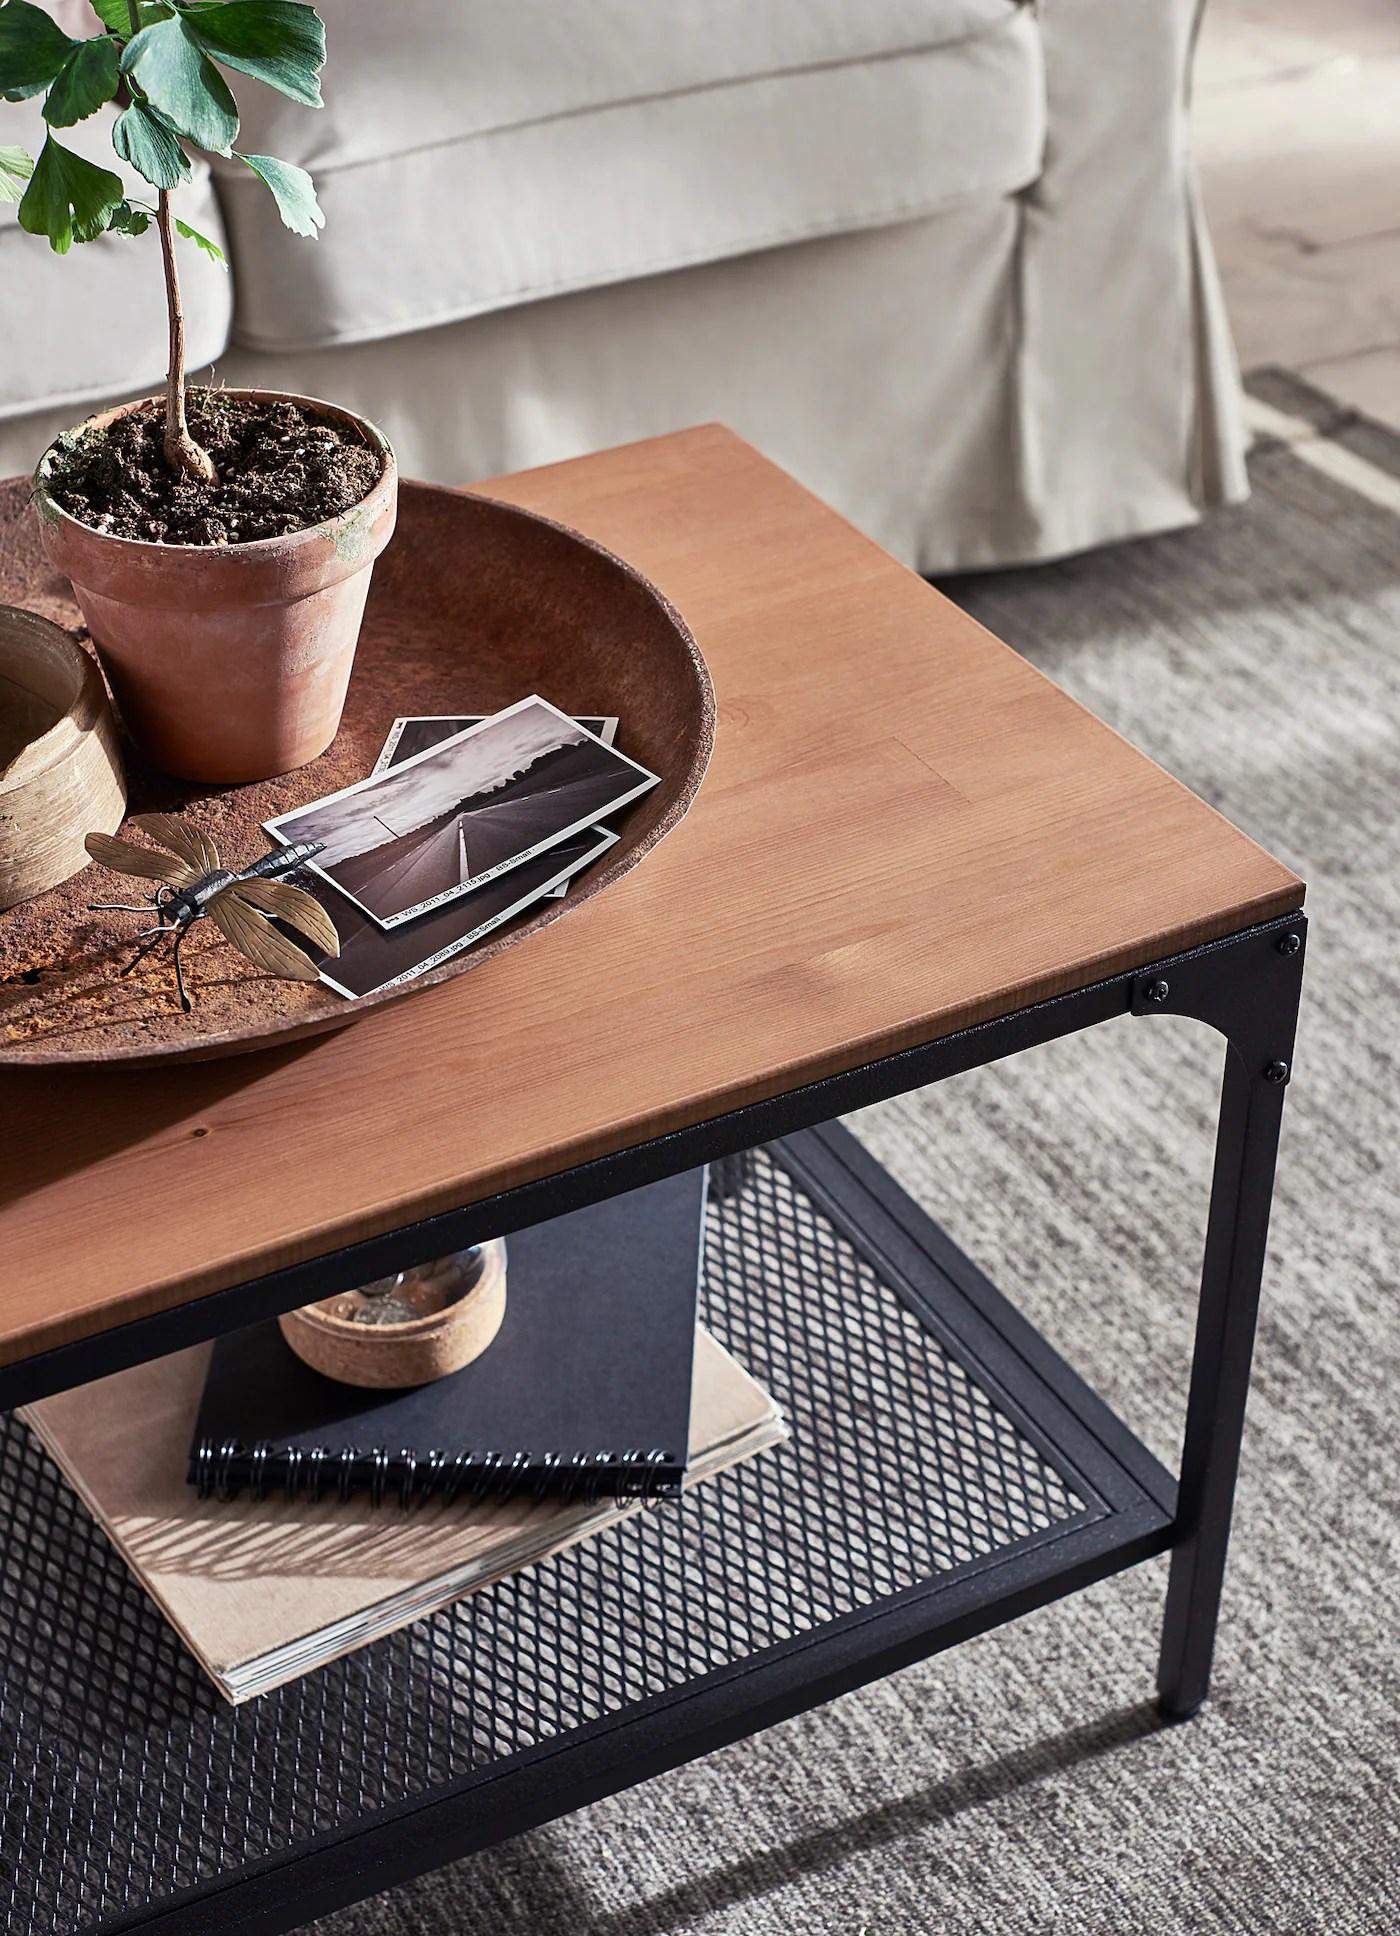 fjallbo coffee table black 35 3 8x18 1 8